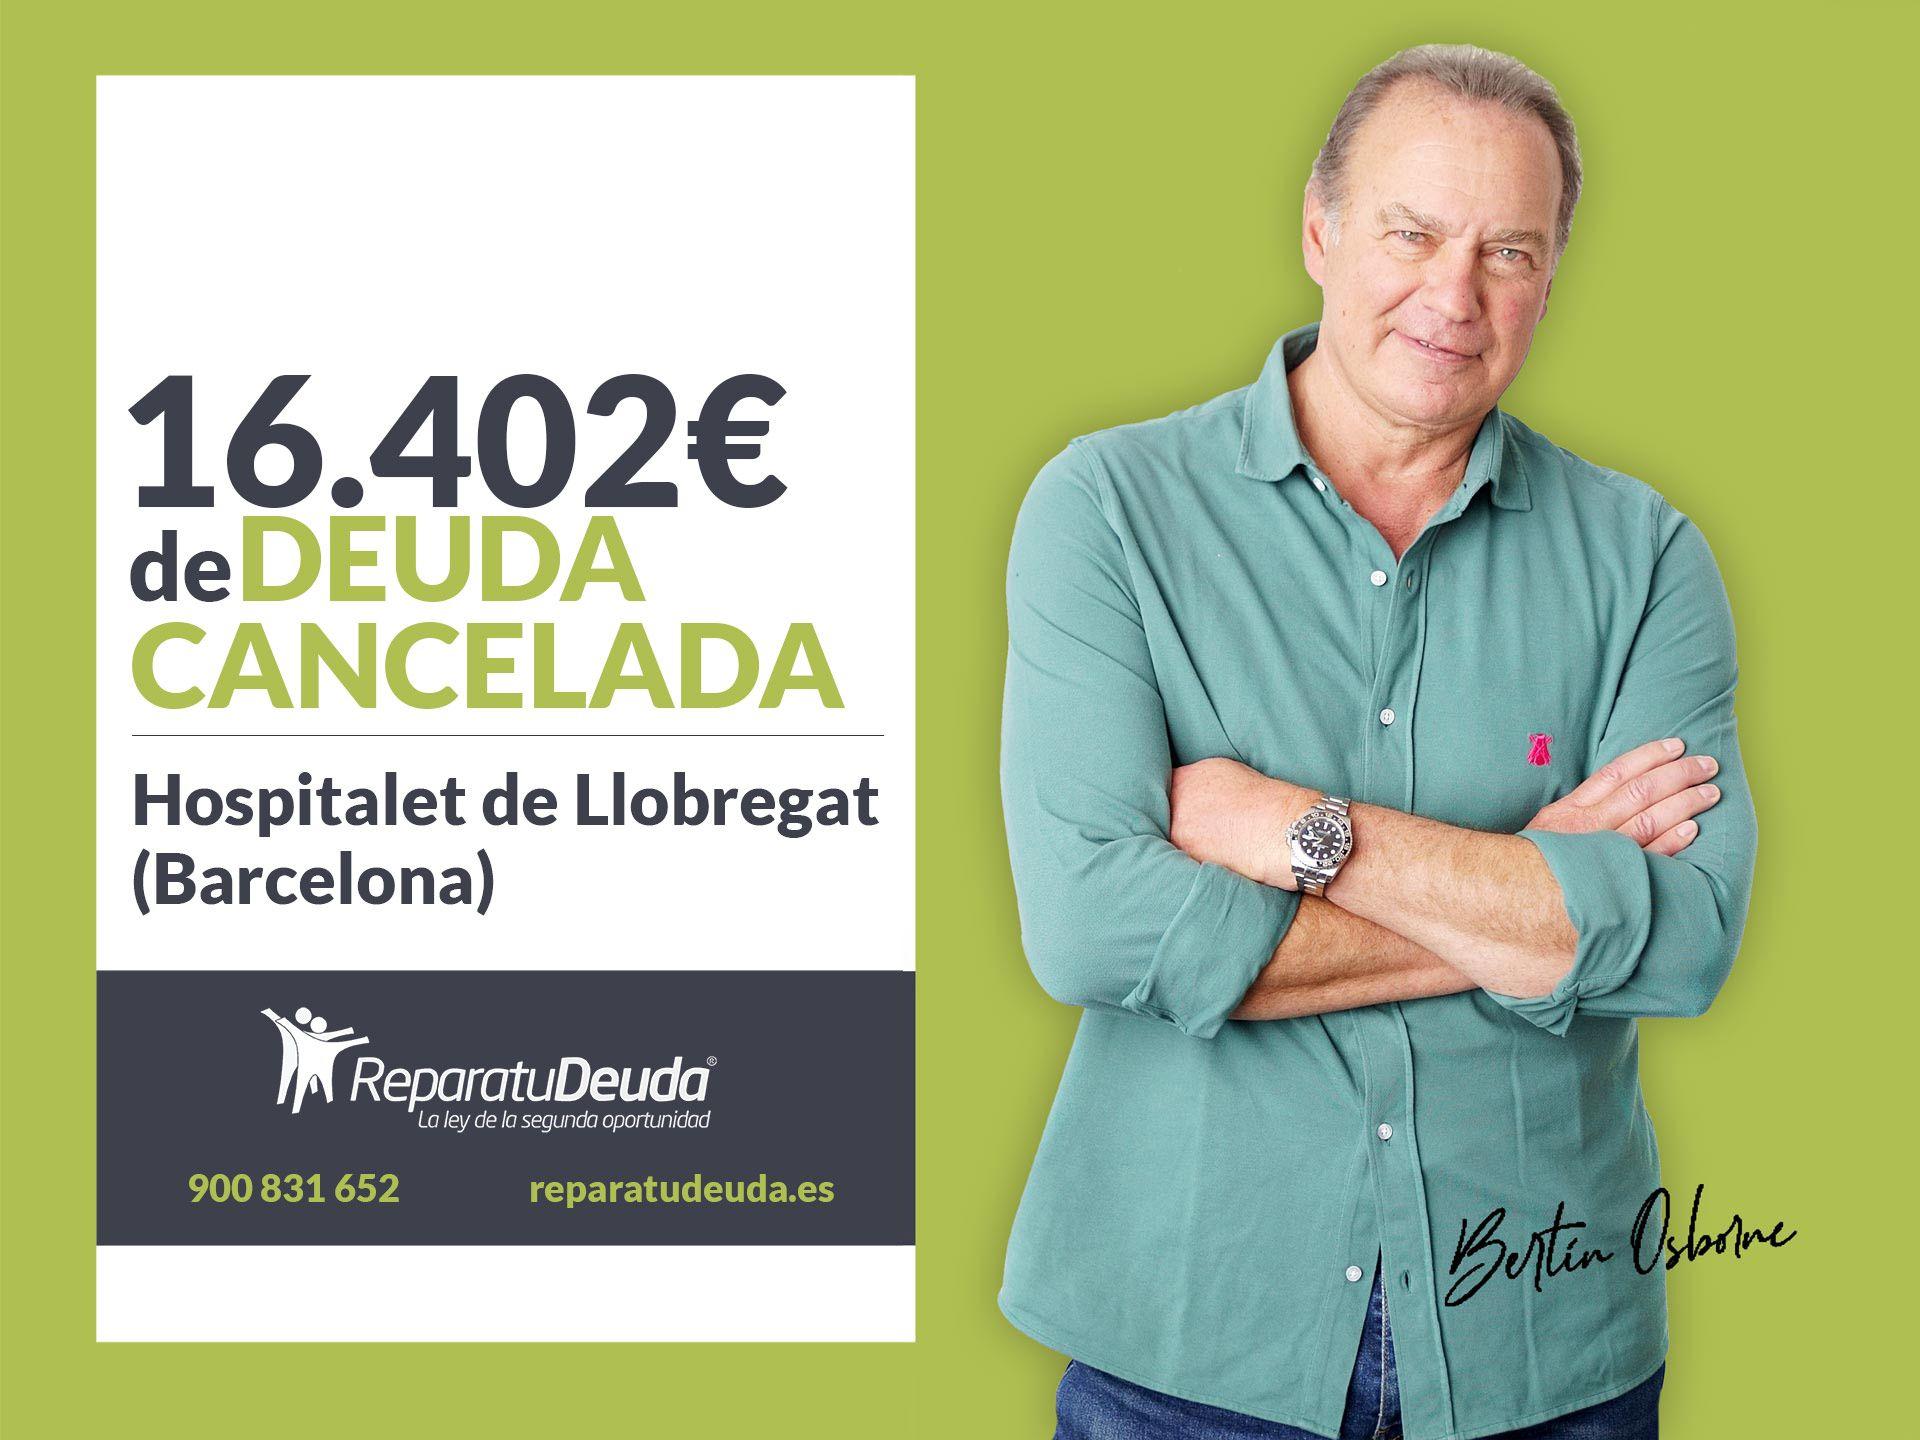 Repara tu Deuda cancela 16.402€ en L'Hospitalet de Llobregat (Barcelona) con la Ley de Segunda Oportunidad